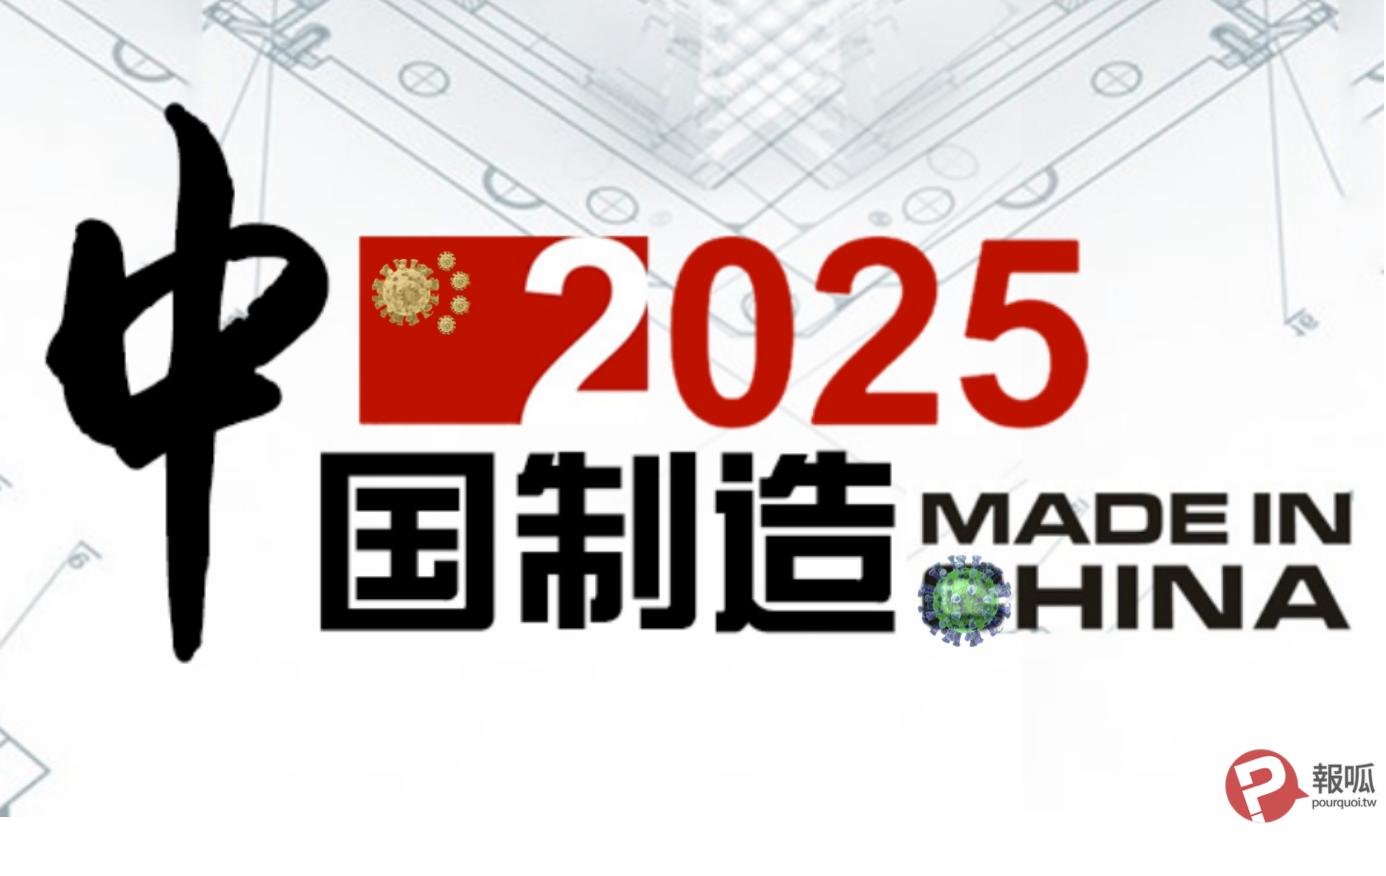 中國製造2025(圖/中國政府網/報呱再製)